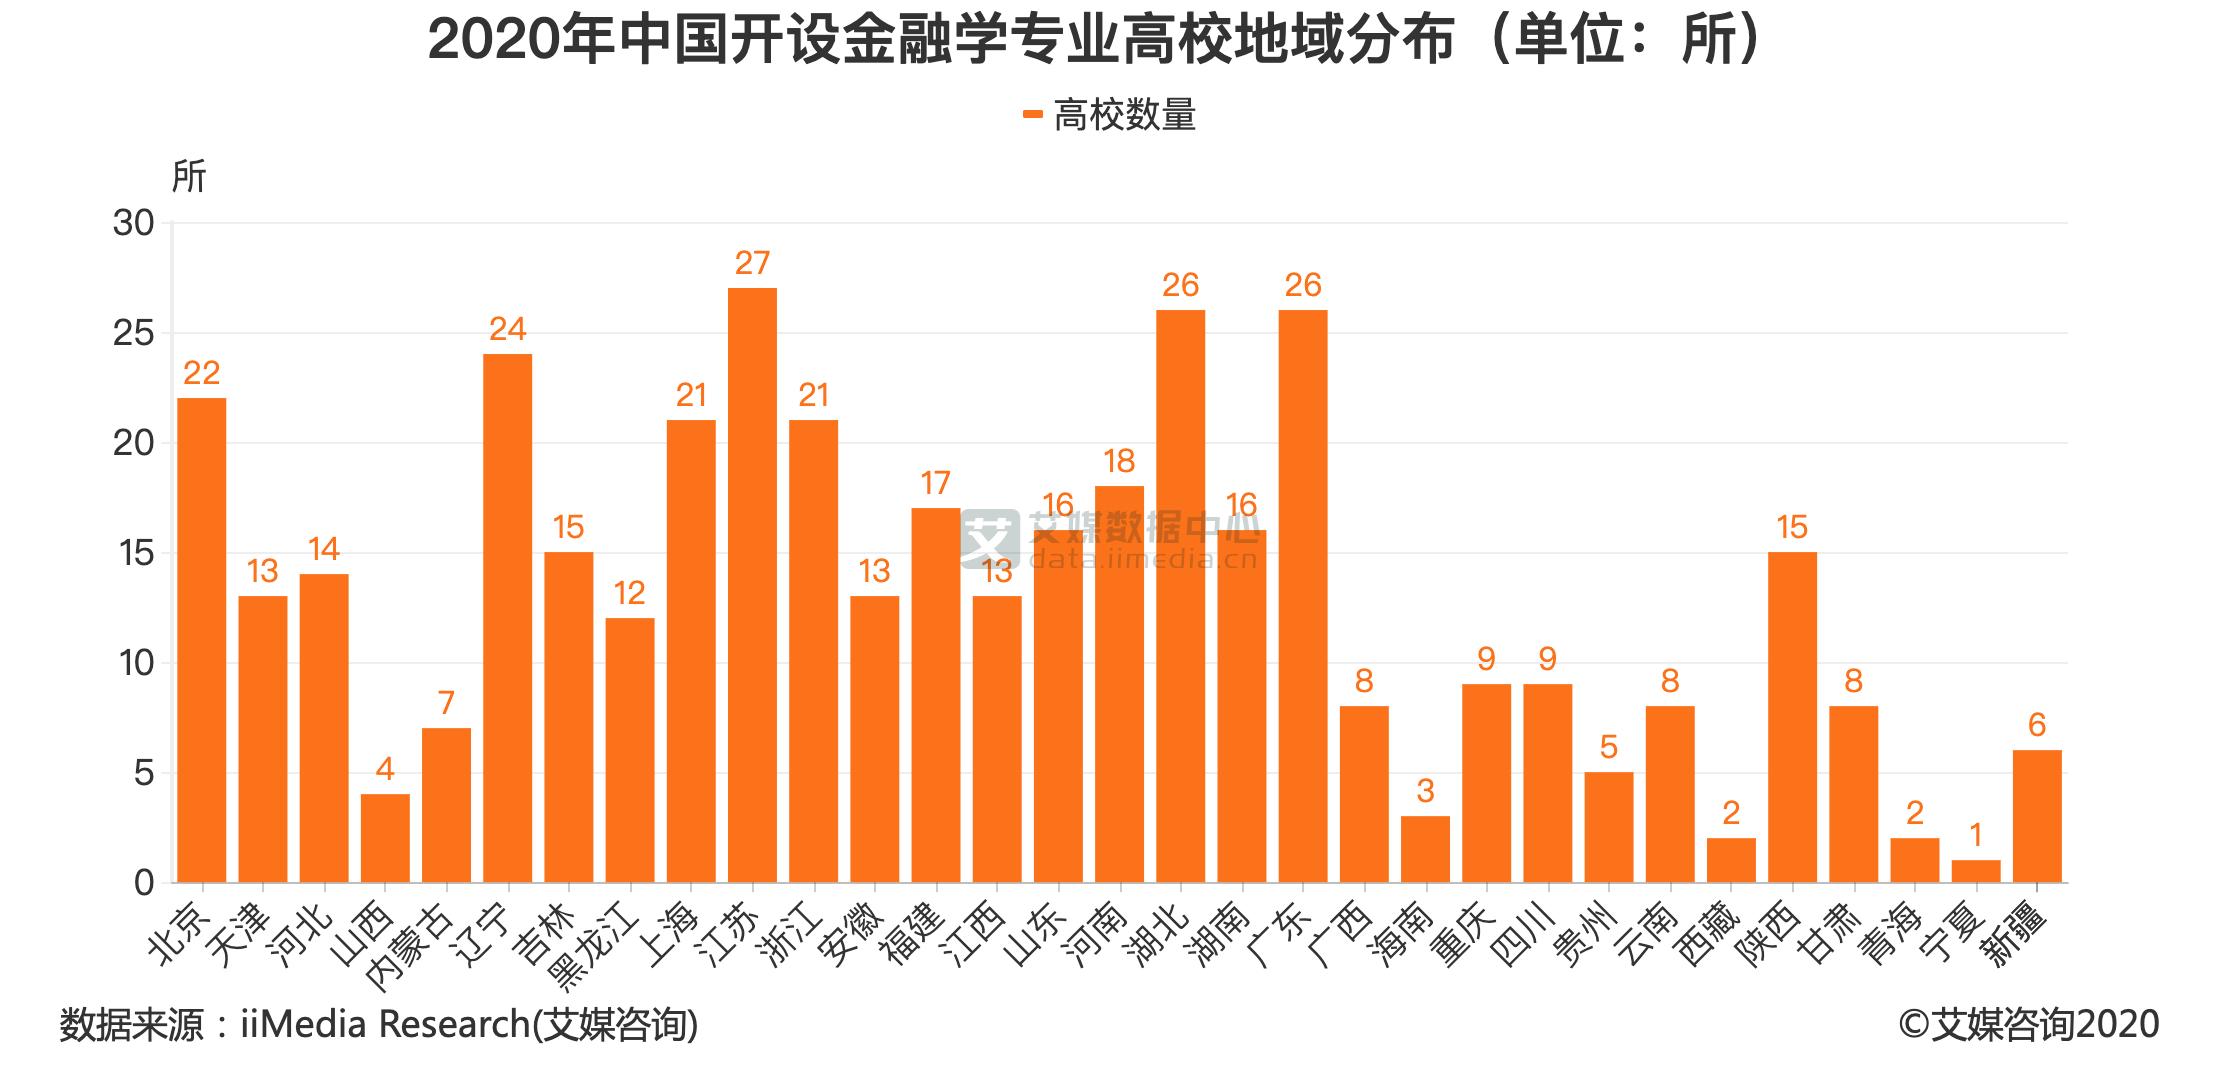 2020年中国开设金融学专业高校地域分布(单位:所)